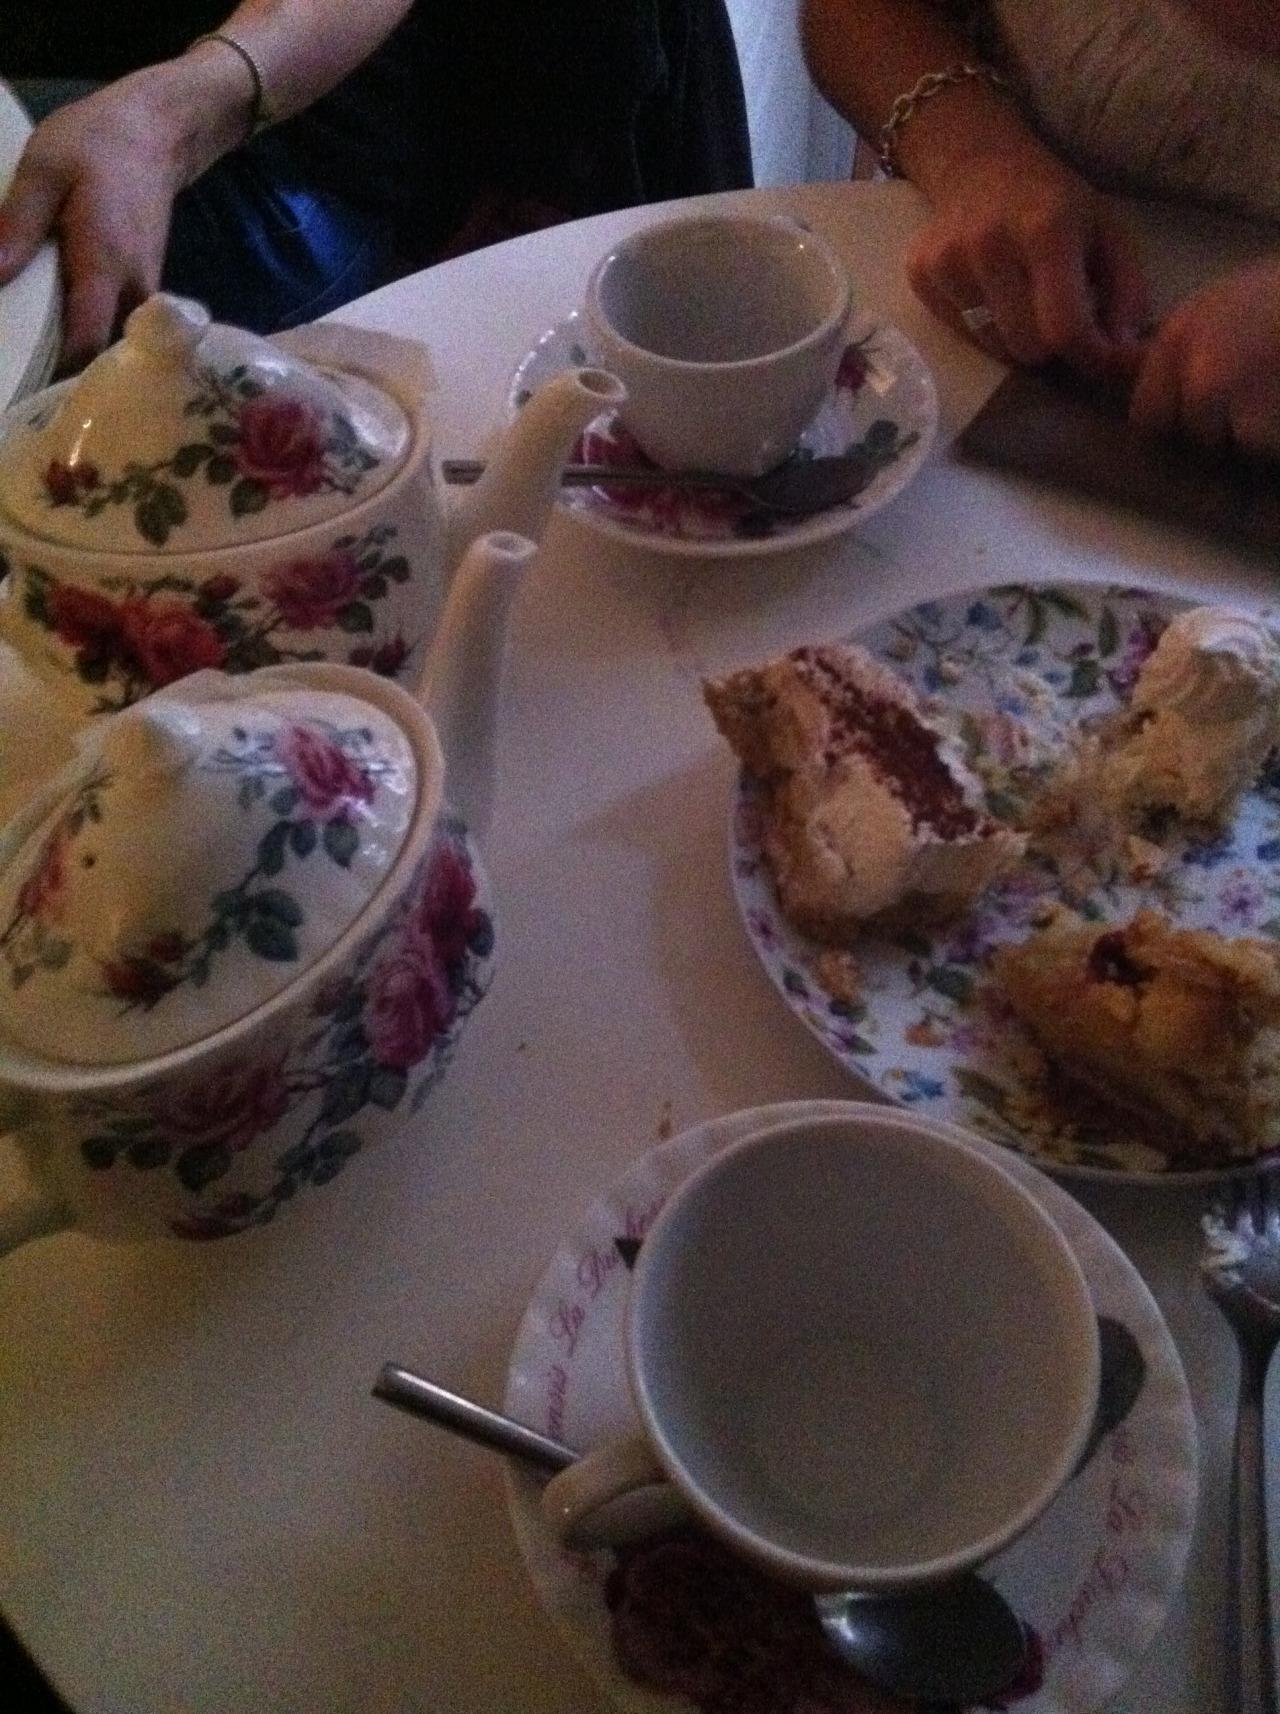 L 39 autre salon de th toulouse un caf avec cl mentine for L autre salon de the toulouse